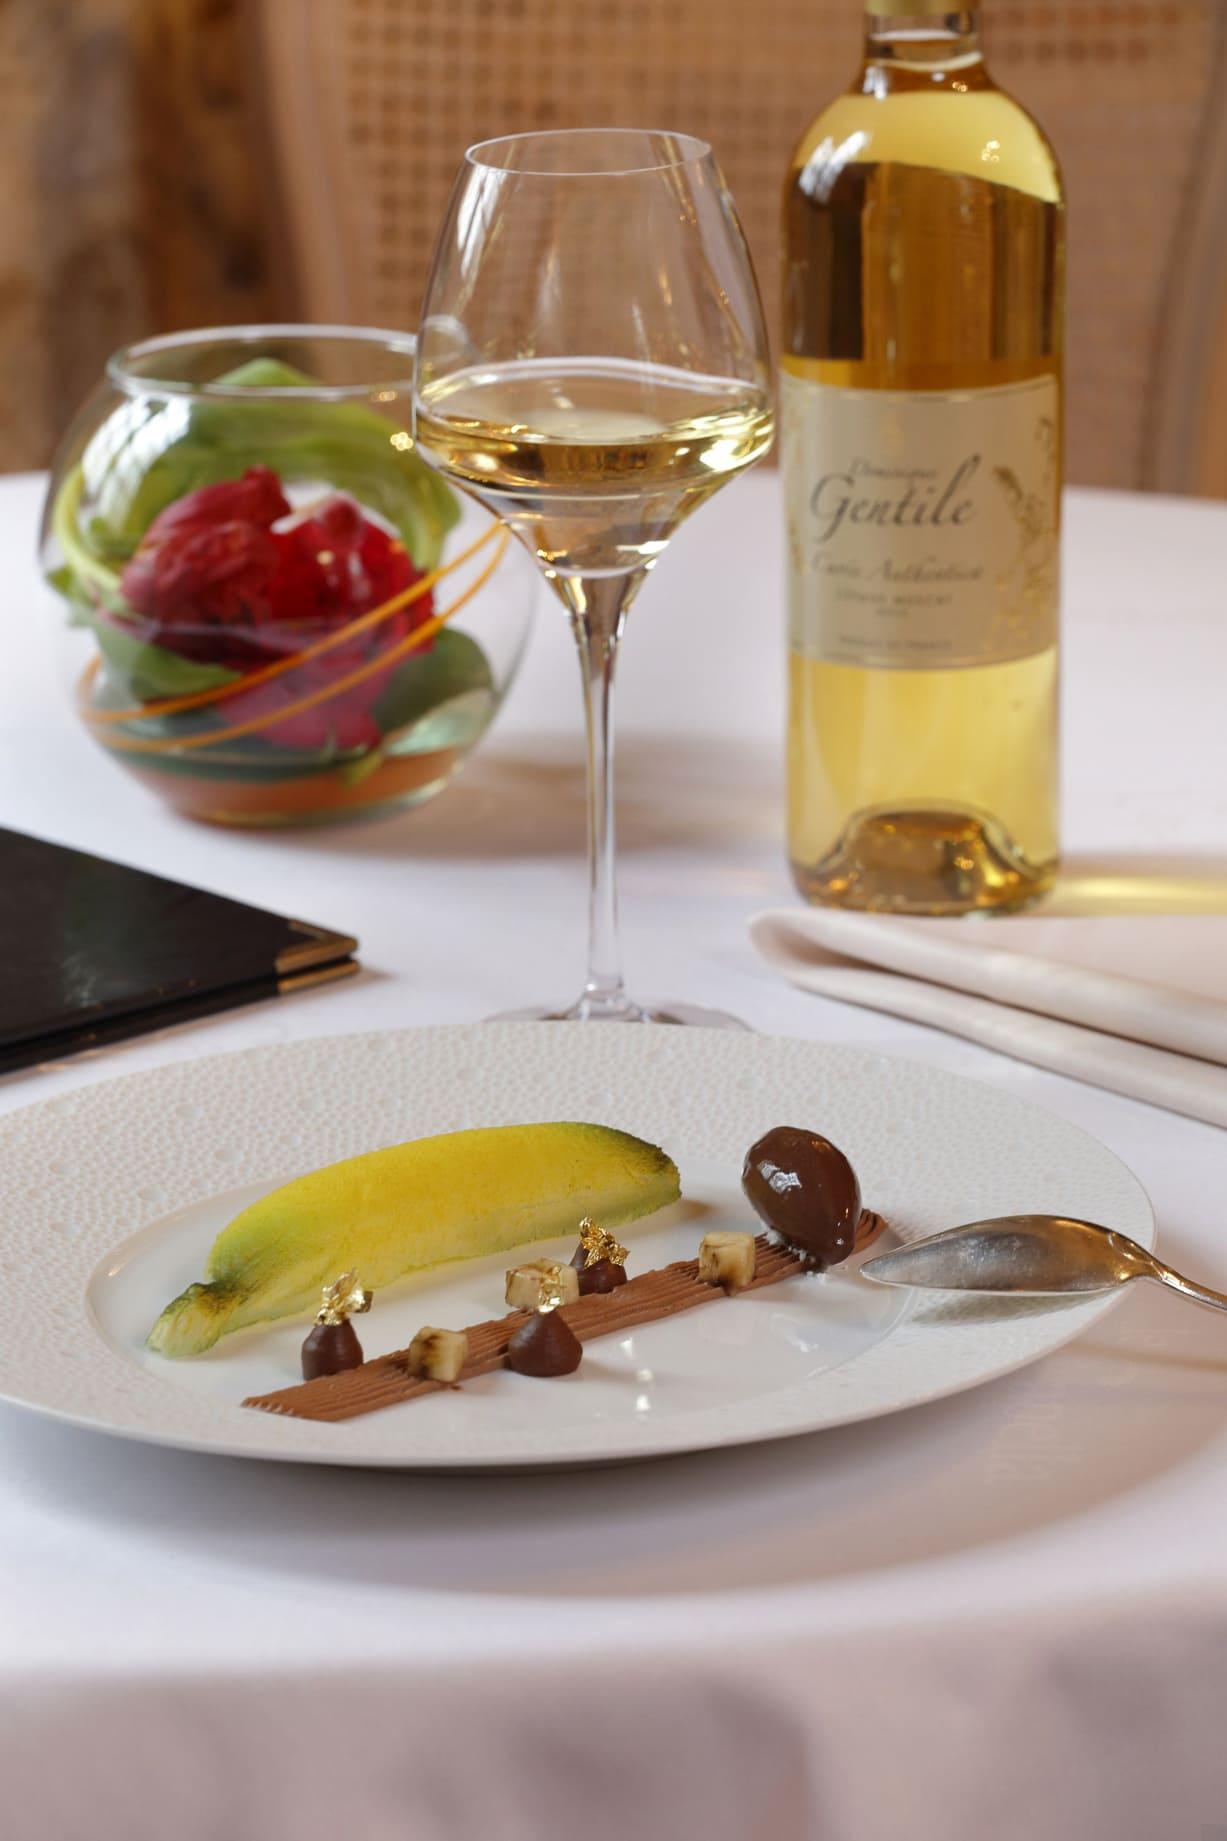 Restaurant Gastronomique ChateauChapeau Cornu à Vignieu dans l'Isère (38)